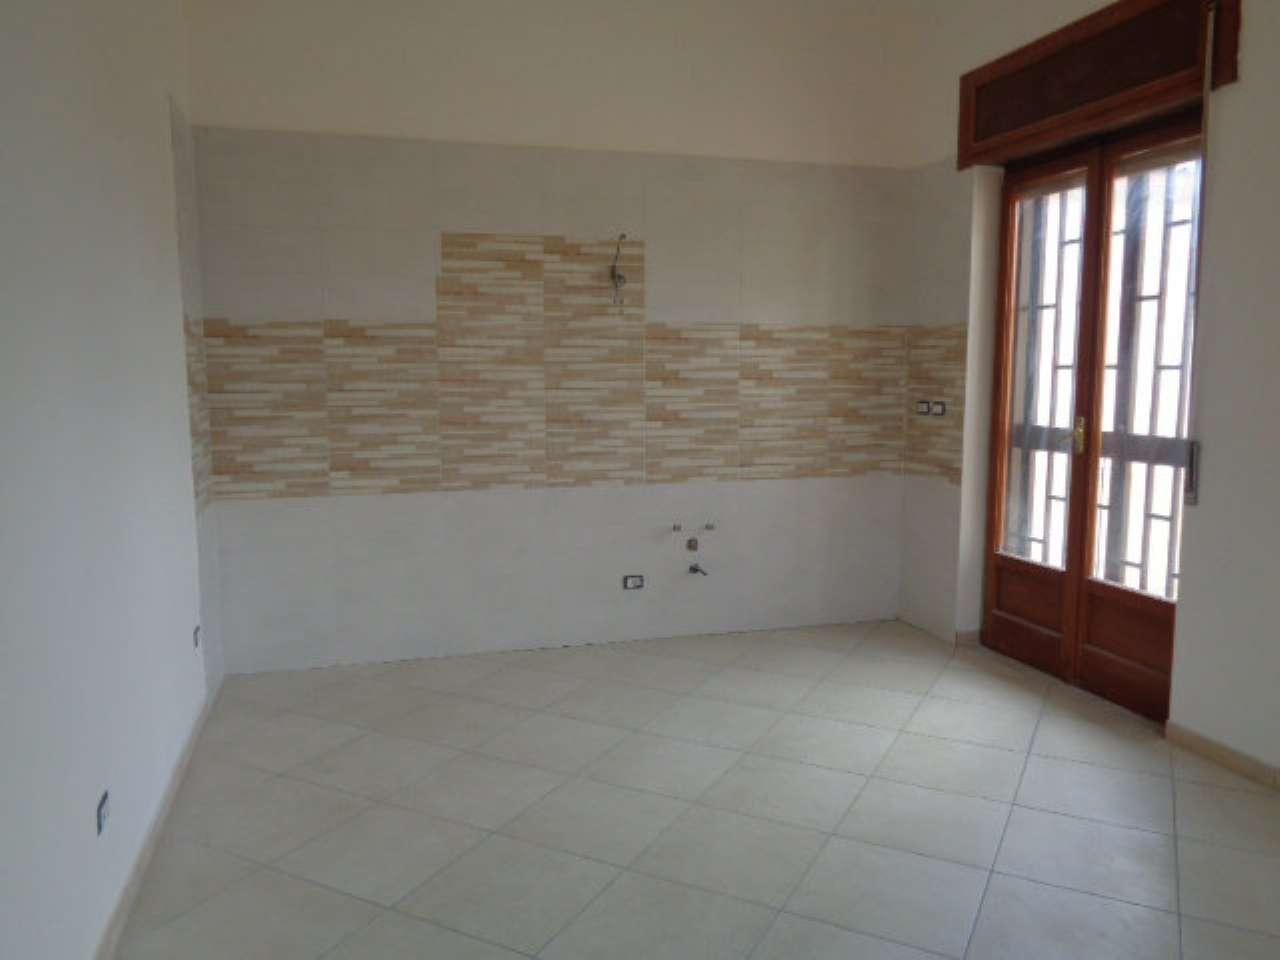 Appartamento in affitto a Marano di Napoli, 3 locali, prezzo € 450   CambioCasa.it